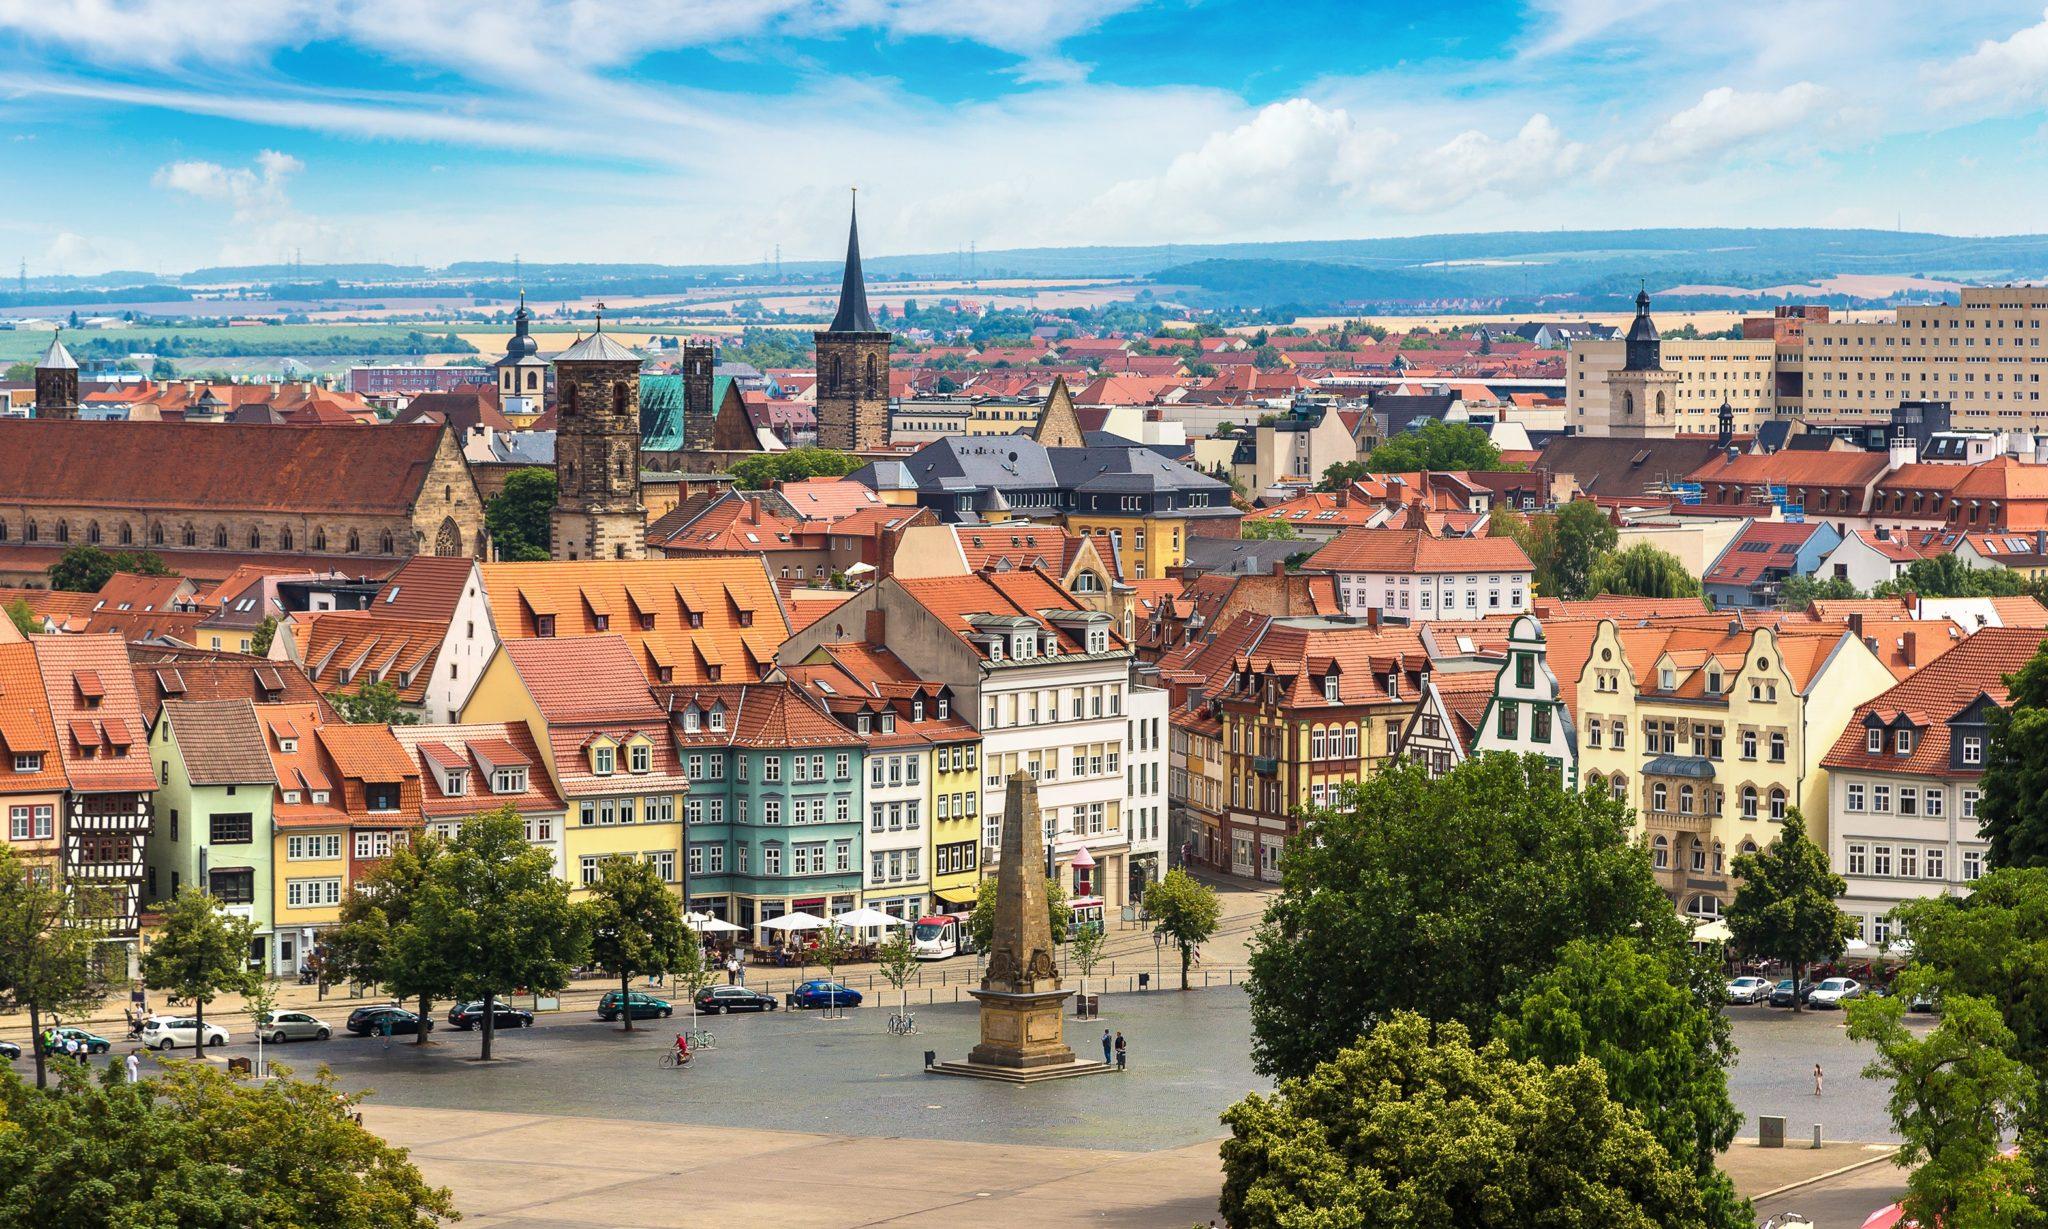 Haushaltsauflösung und Entrümpelung in Erfurt